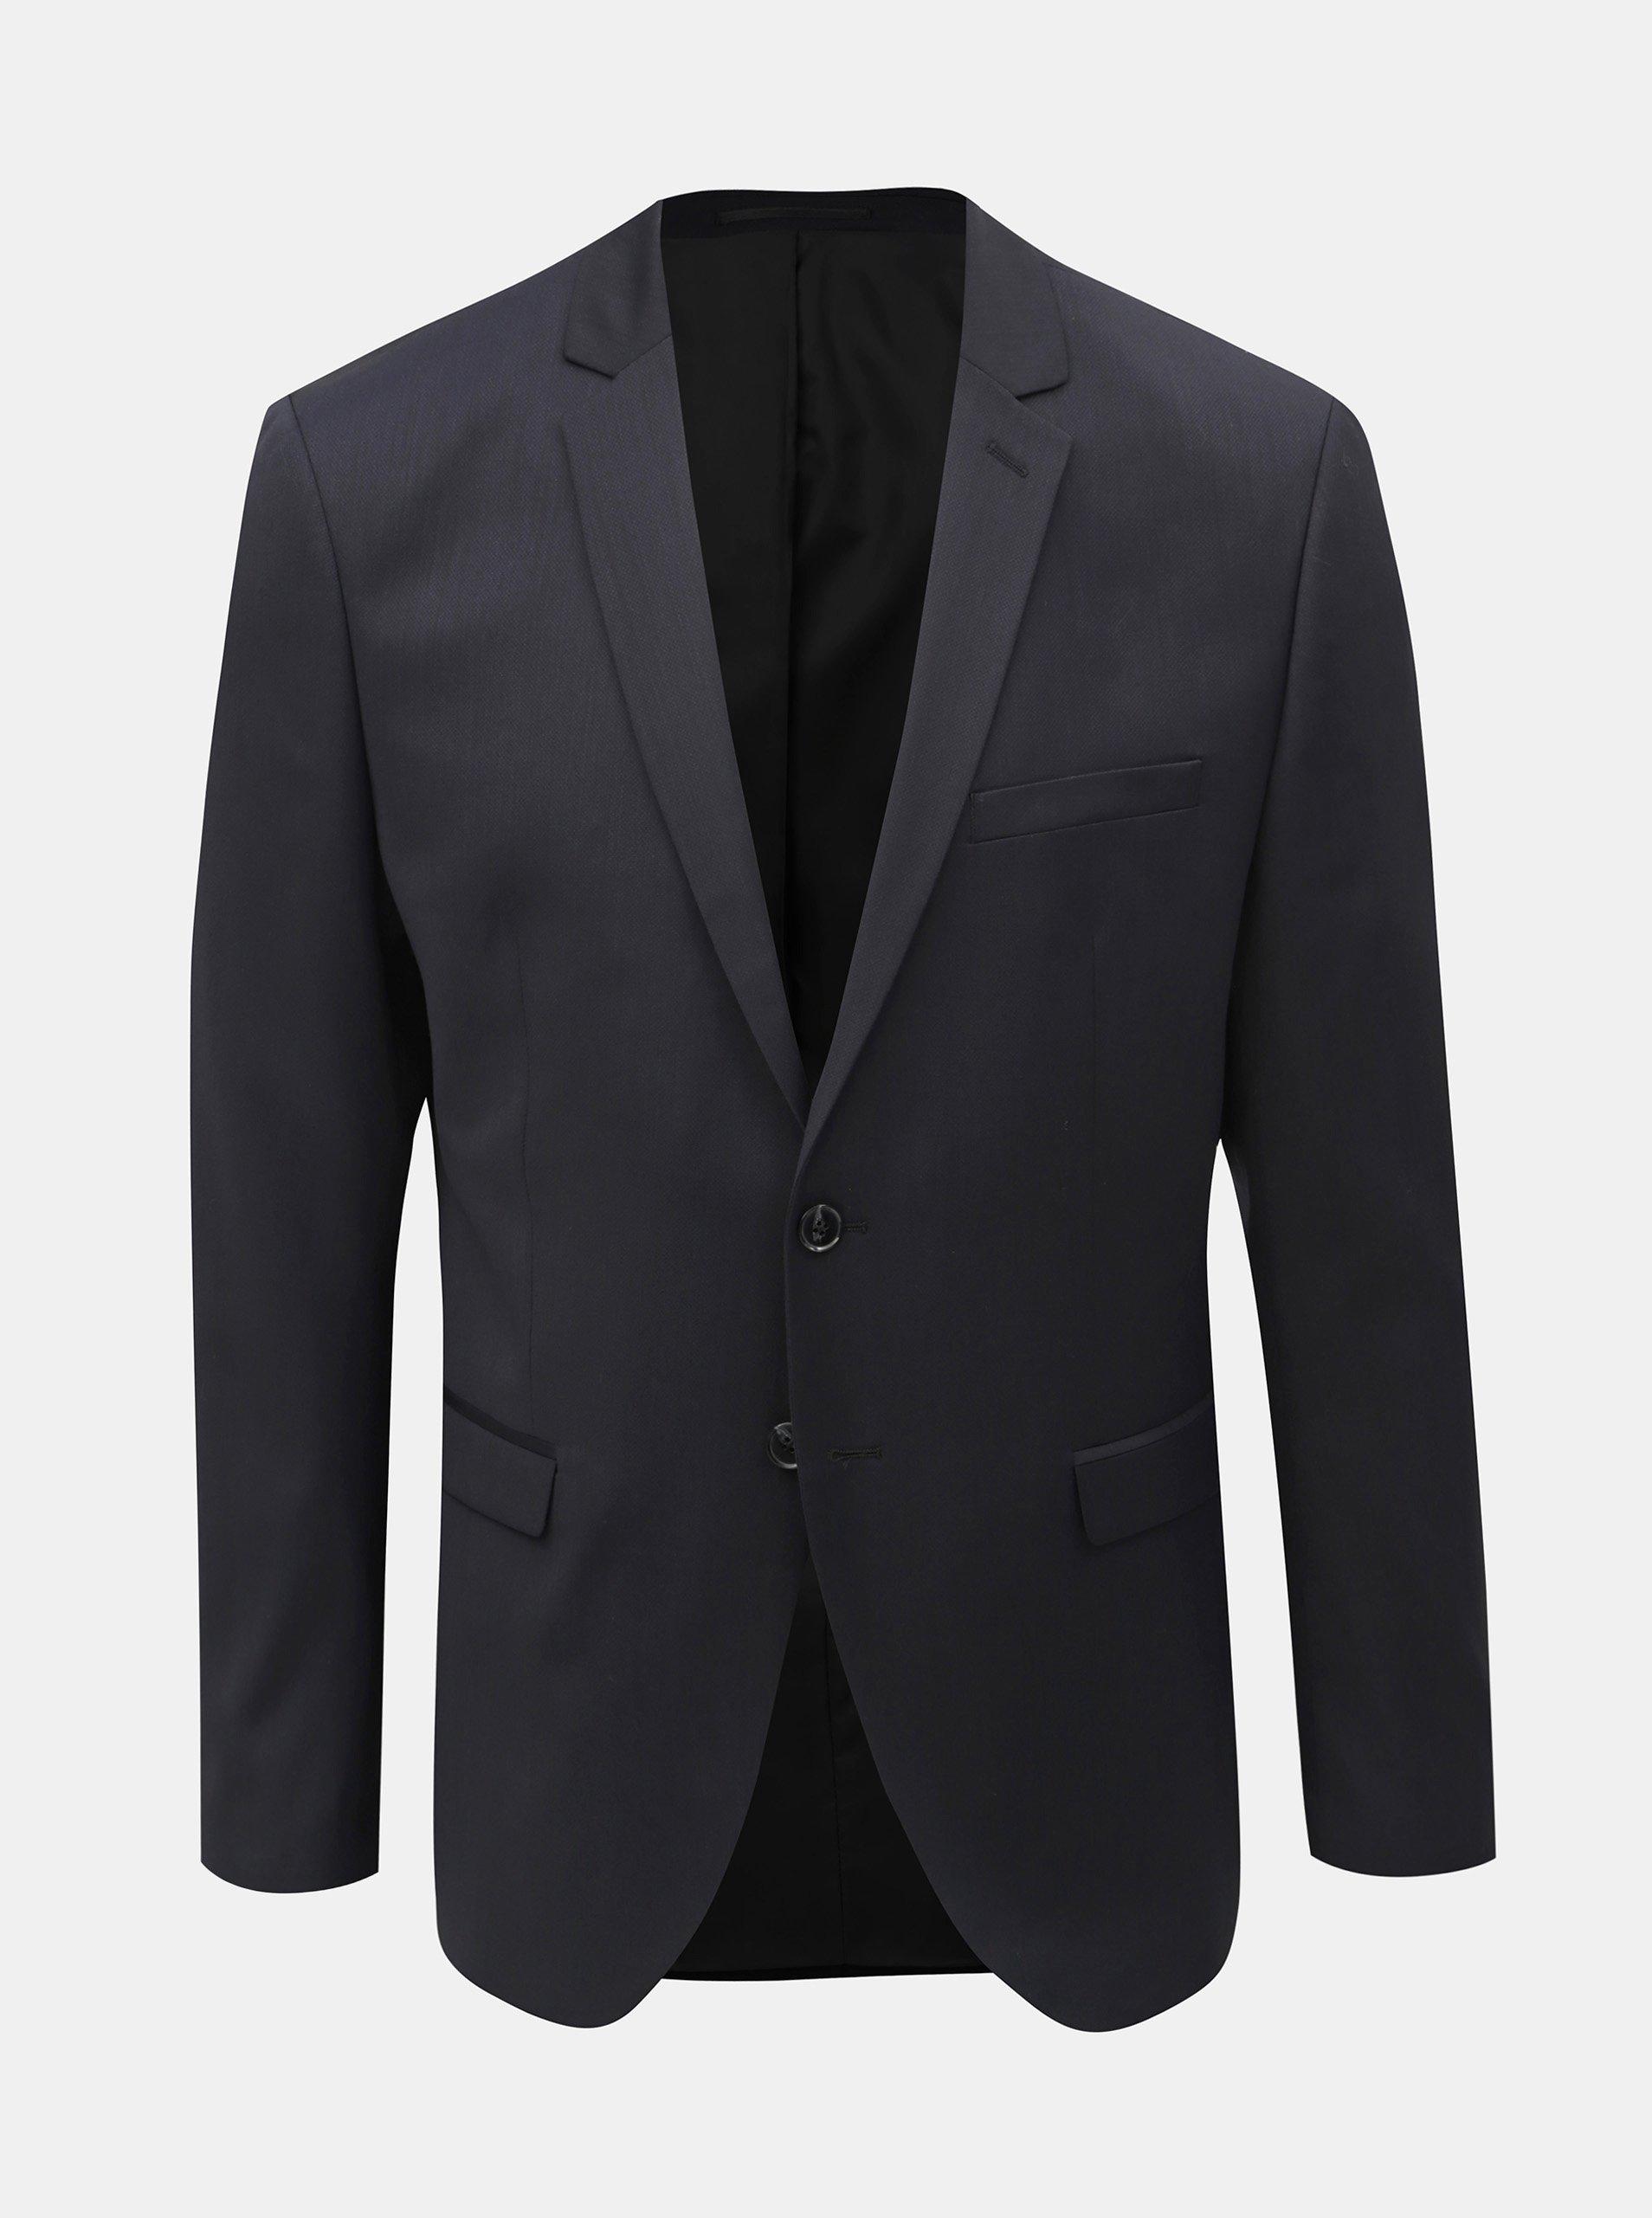 Tmavě modré oblekové slim sako s příměsí vlny Selected Homme Lobill Selected Homme